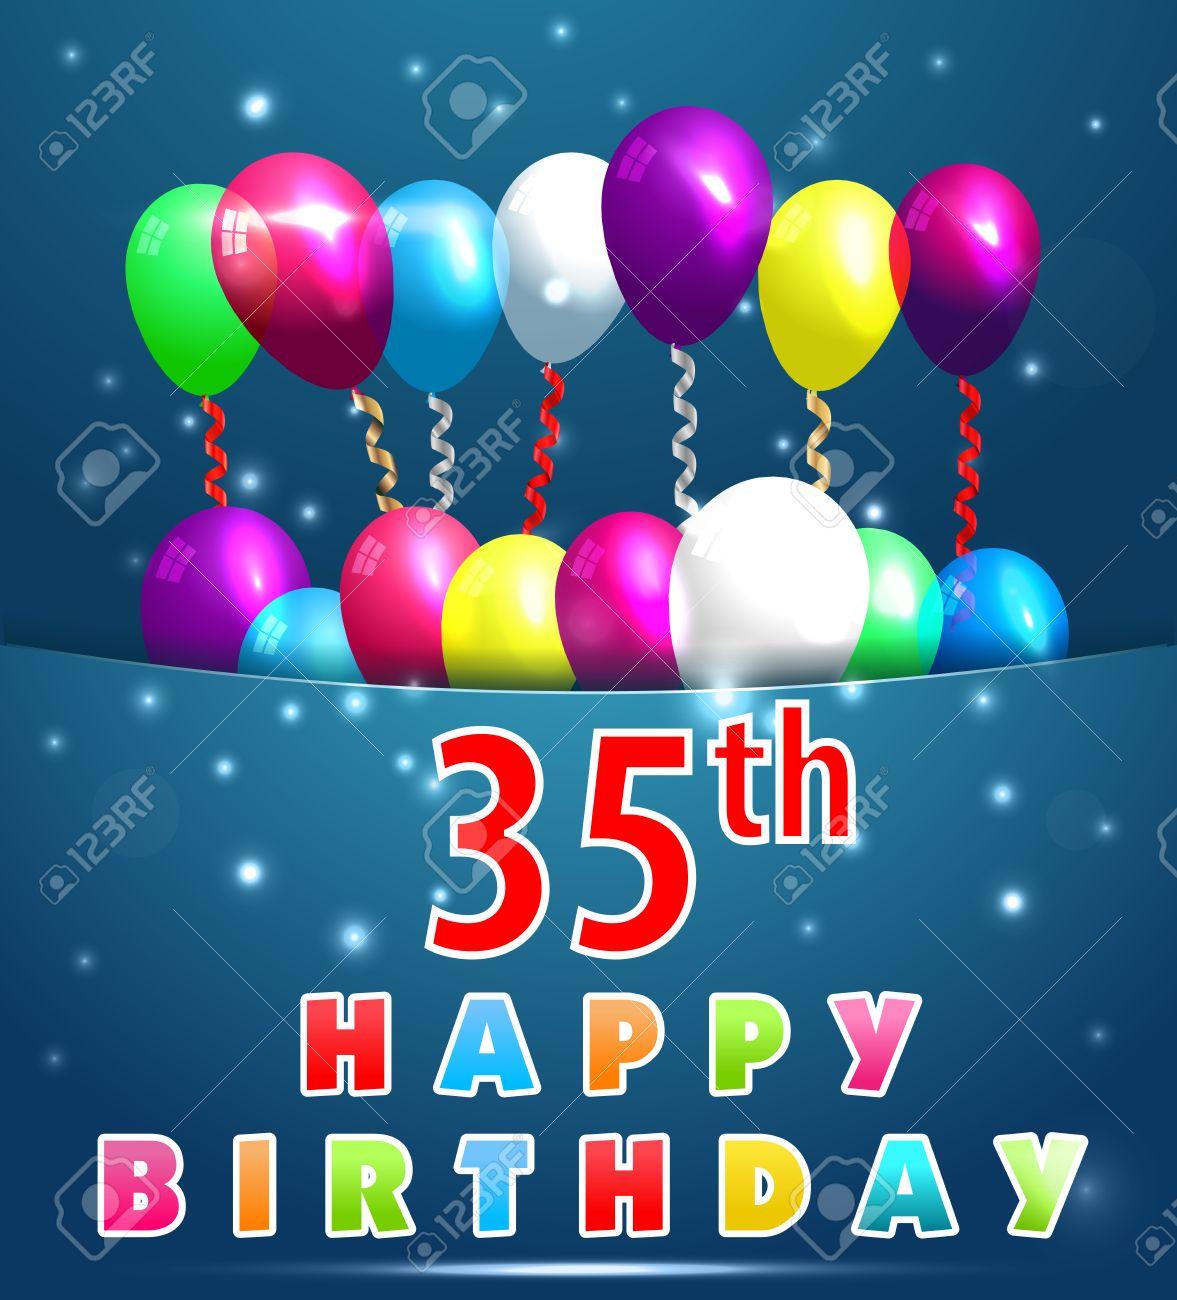 Auguri Di Buon Compleanno 35 Anni.35 Anni Scheda Di Buon Compleanno Con Palloncini E Nastri 35 Compleanno